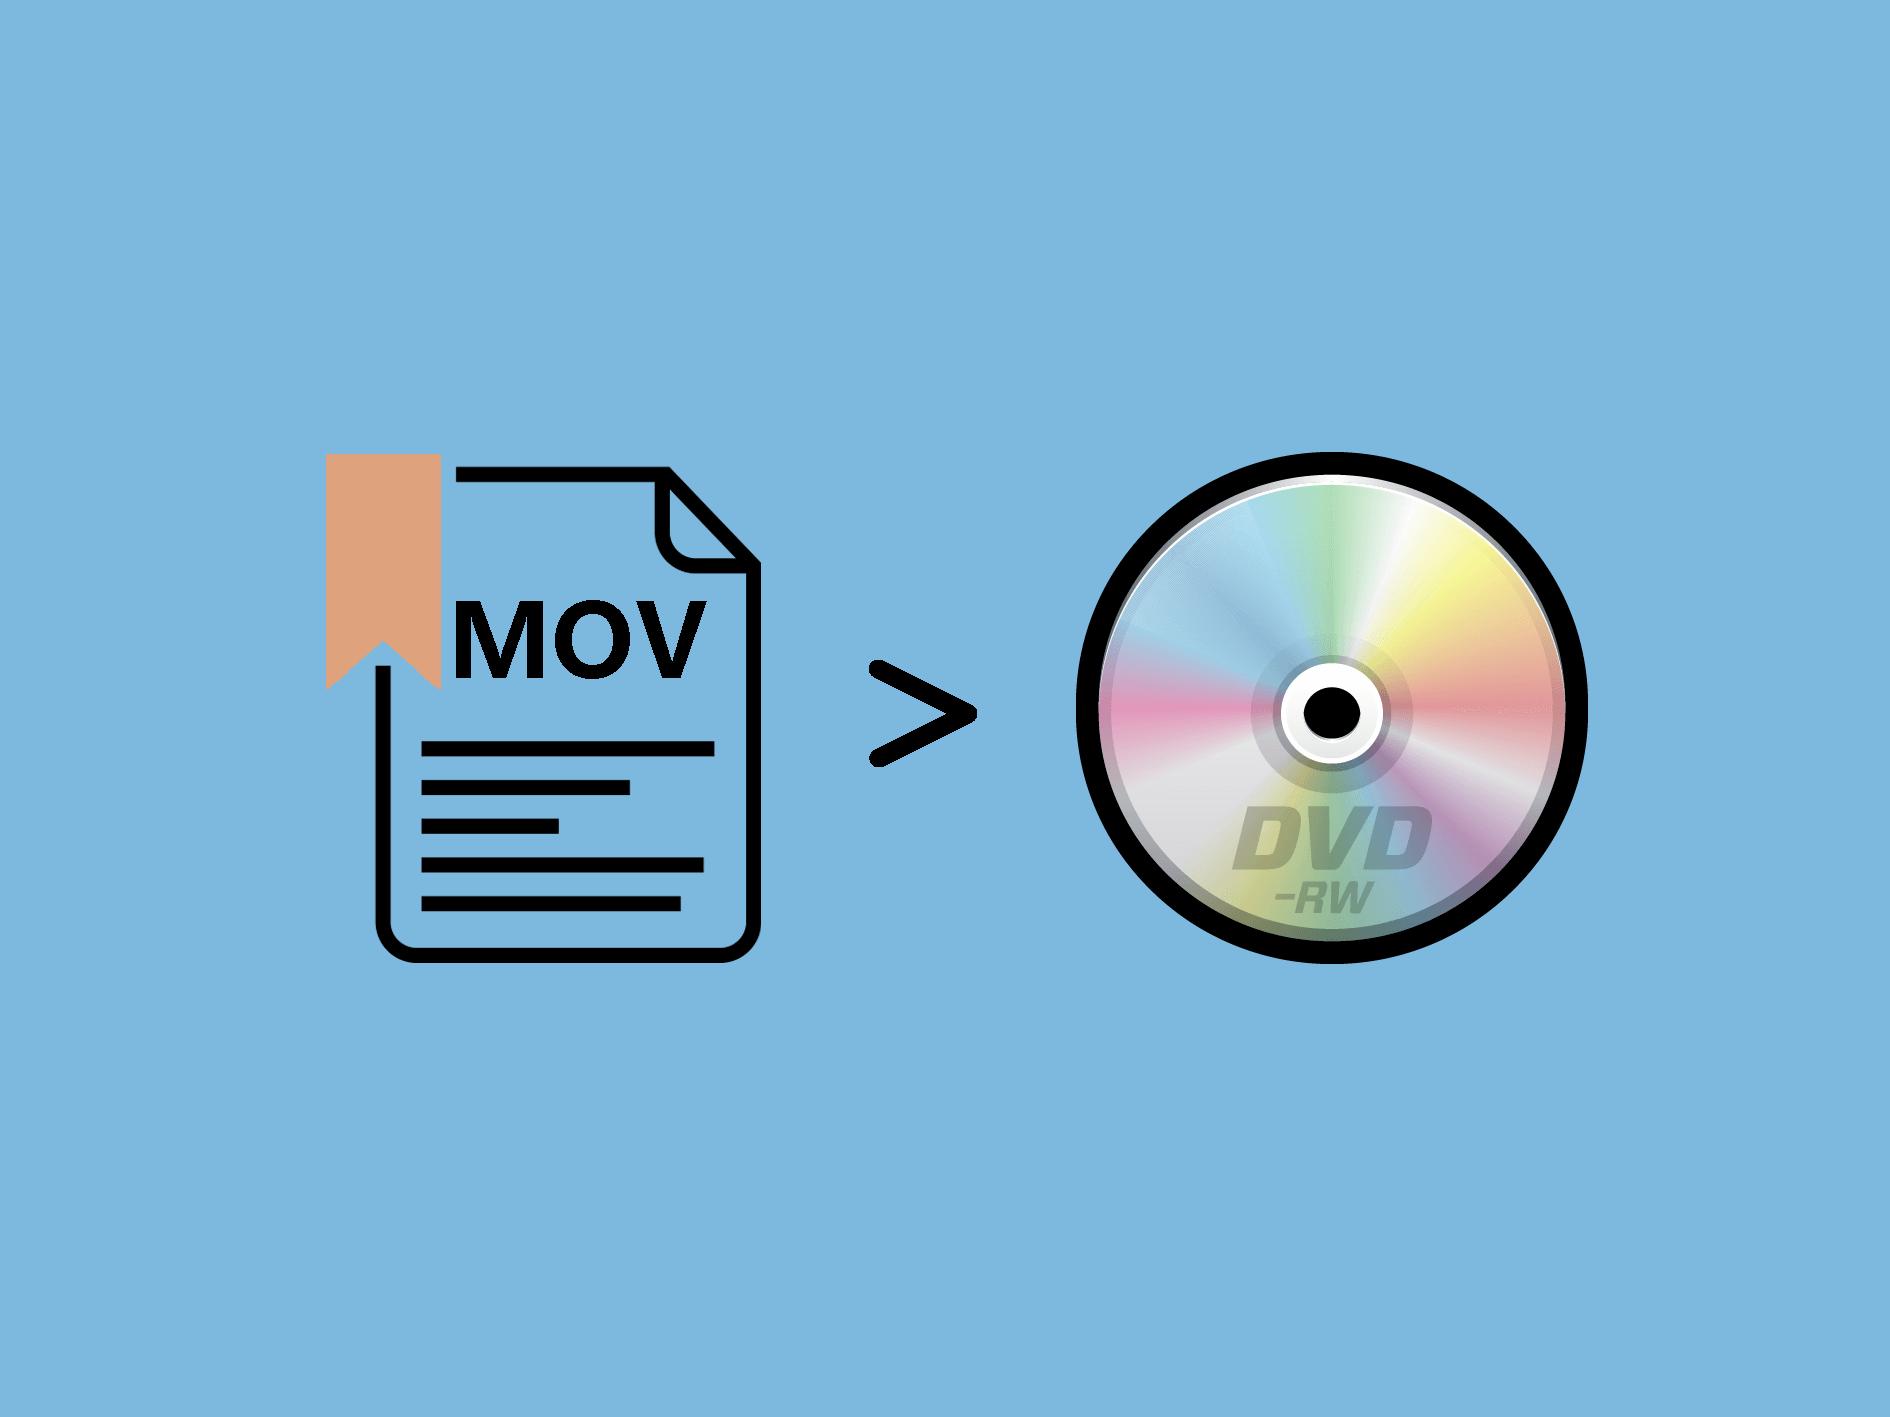 【超カンタン】QuickTimeのMOVをDVDディスクに書き込む方法